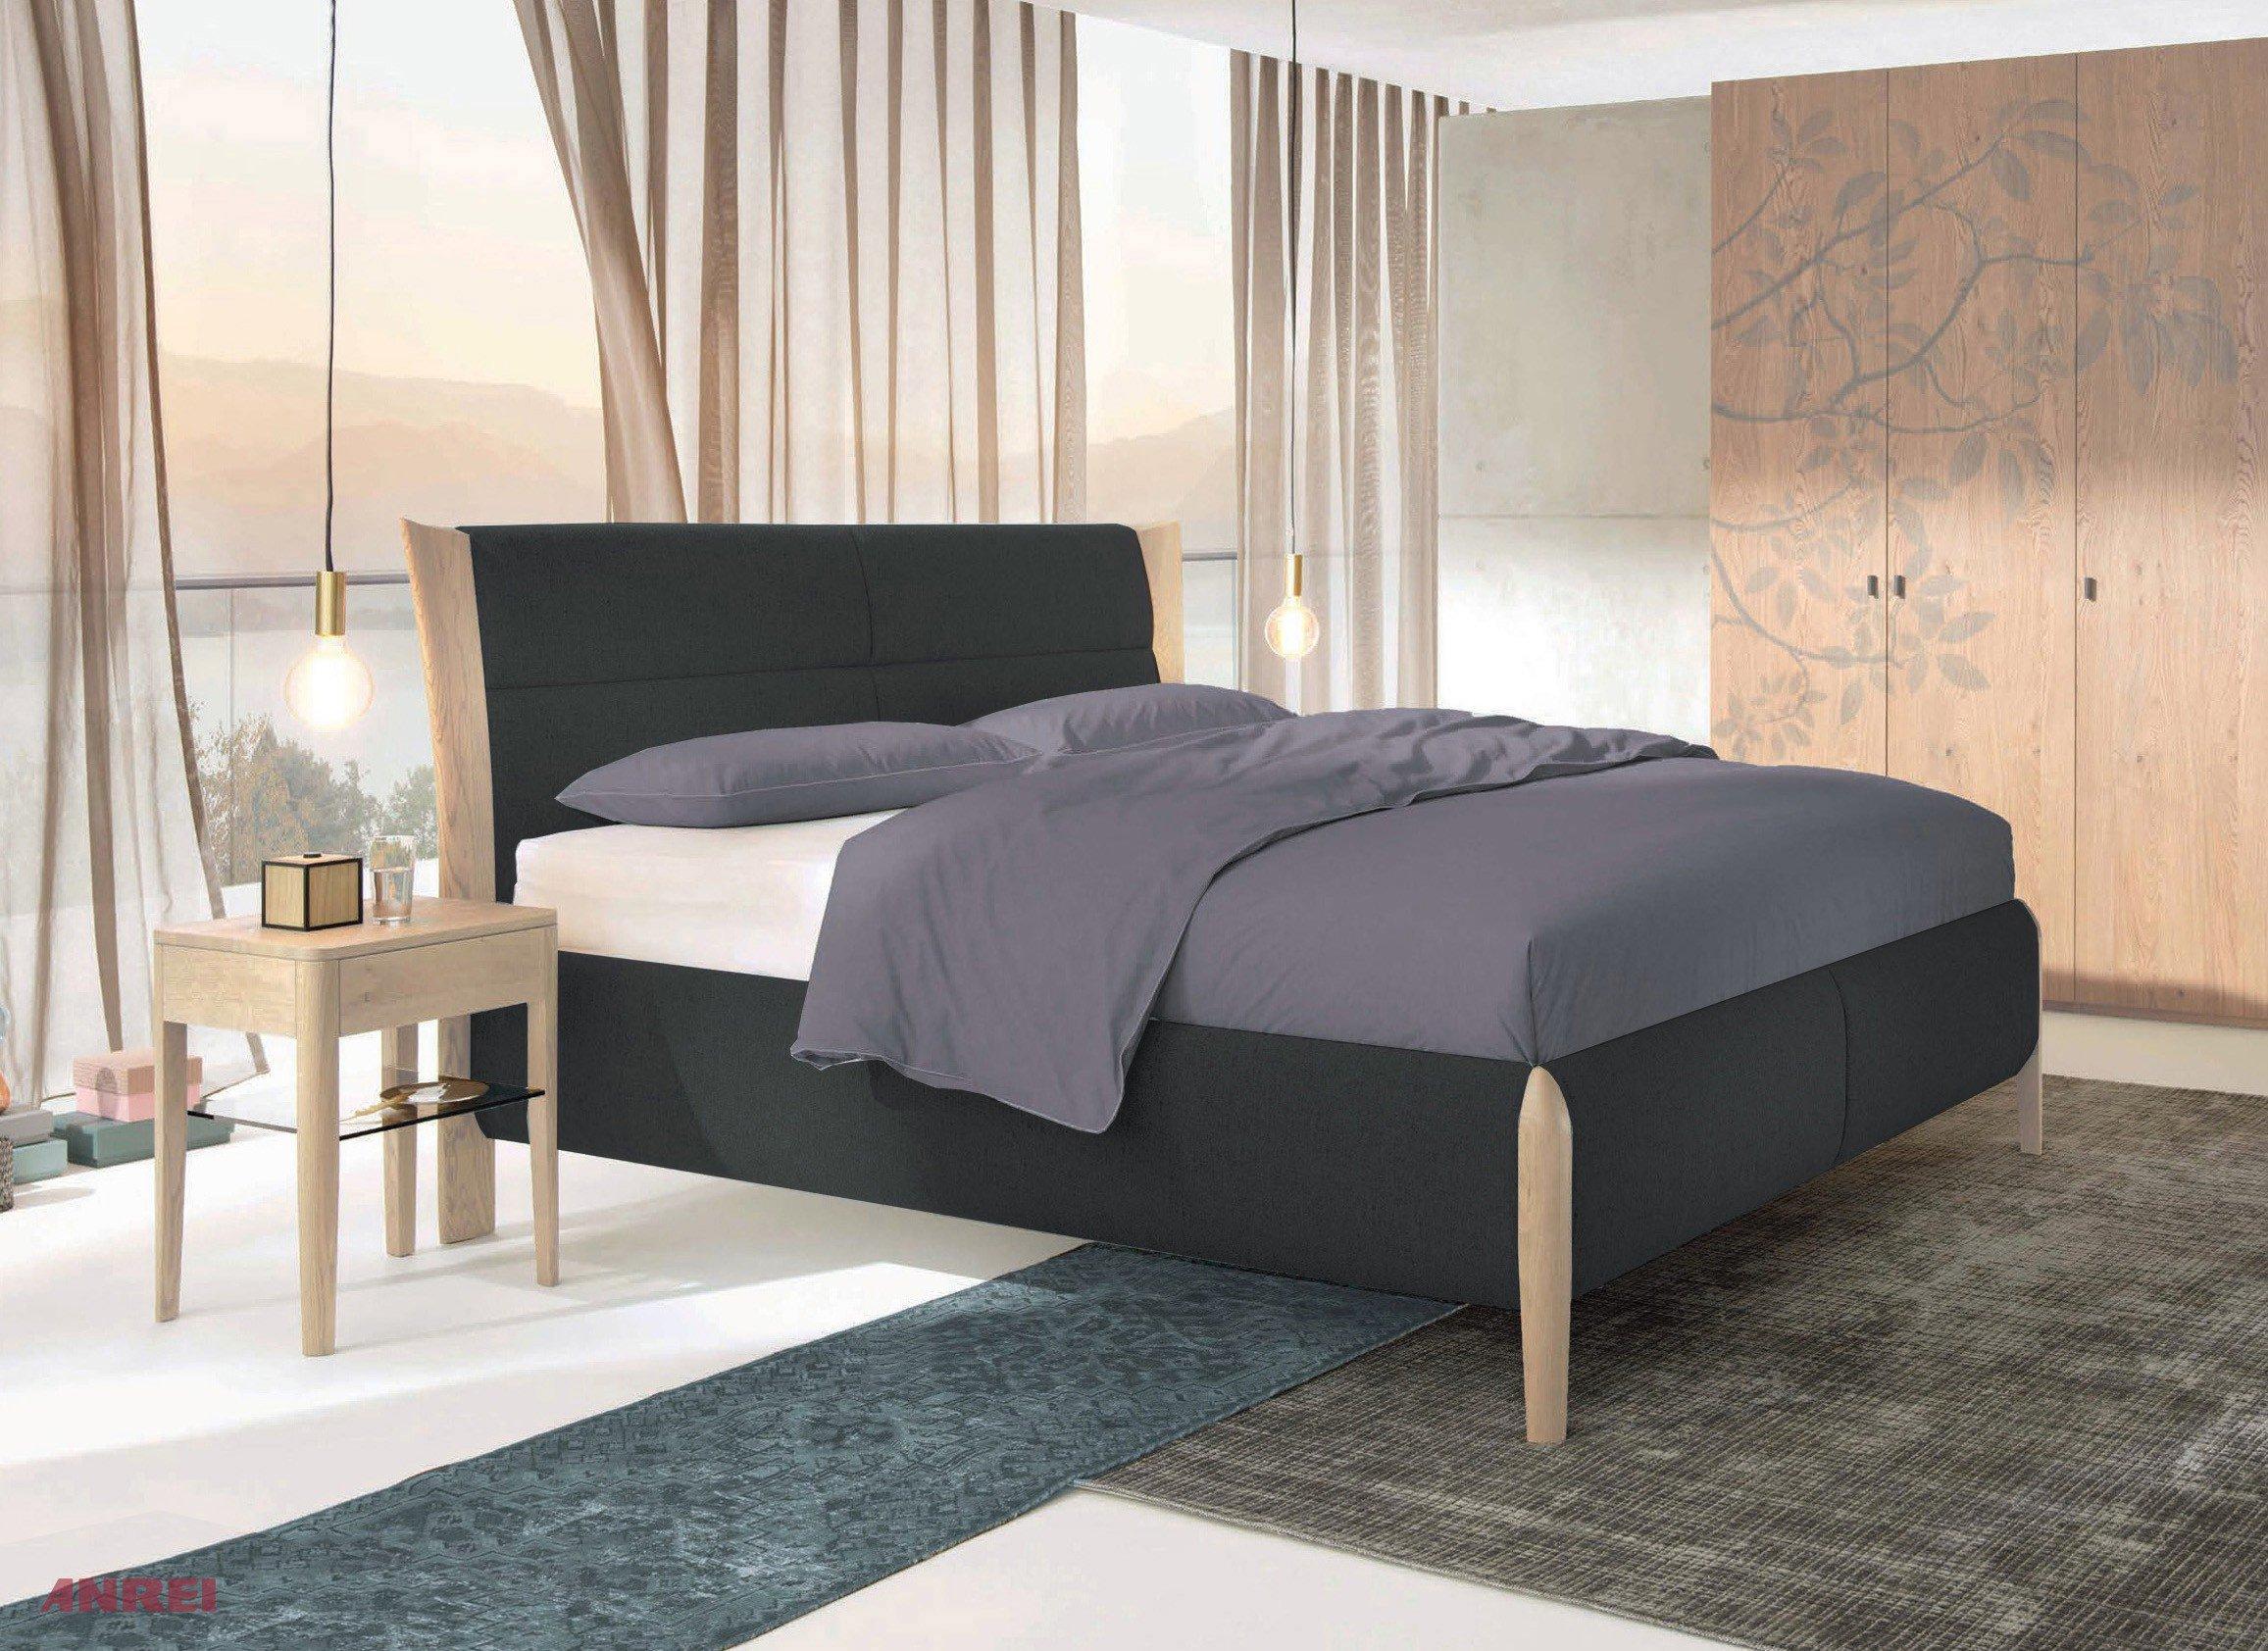 schlafzimmer set mevisto anrei asteiche wei m bel letz ihr online shop. Black Bedroom Furniture Sets. Home Design Ideas